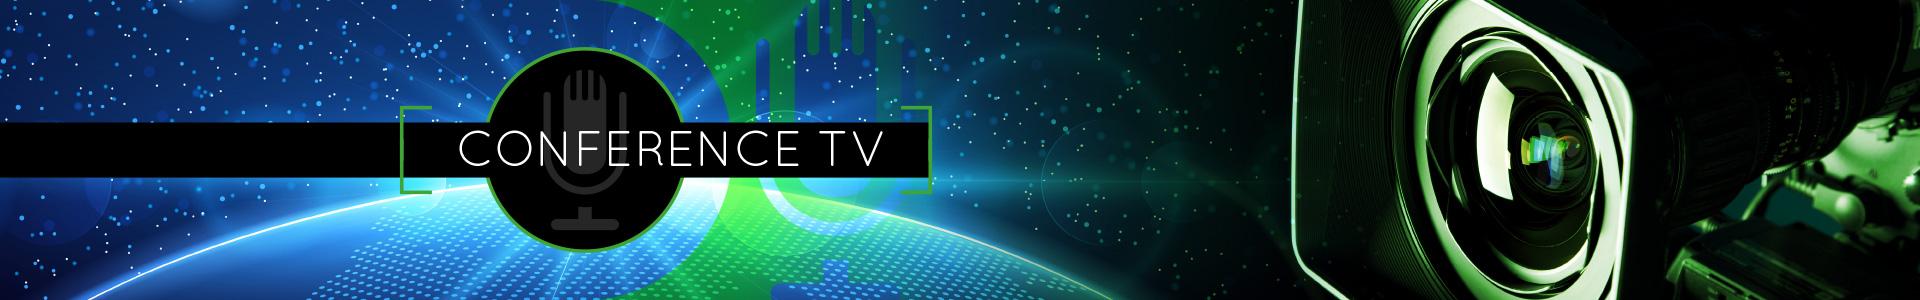 conferene-tv-header